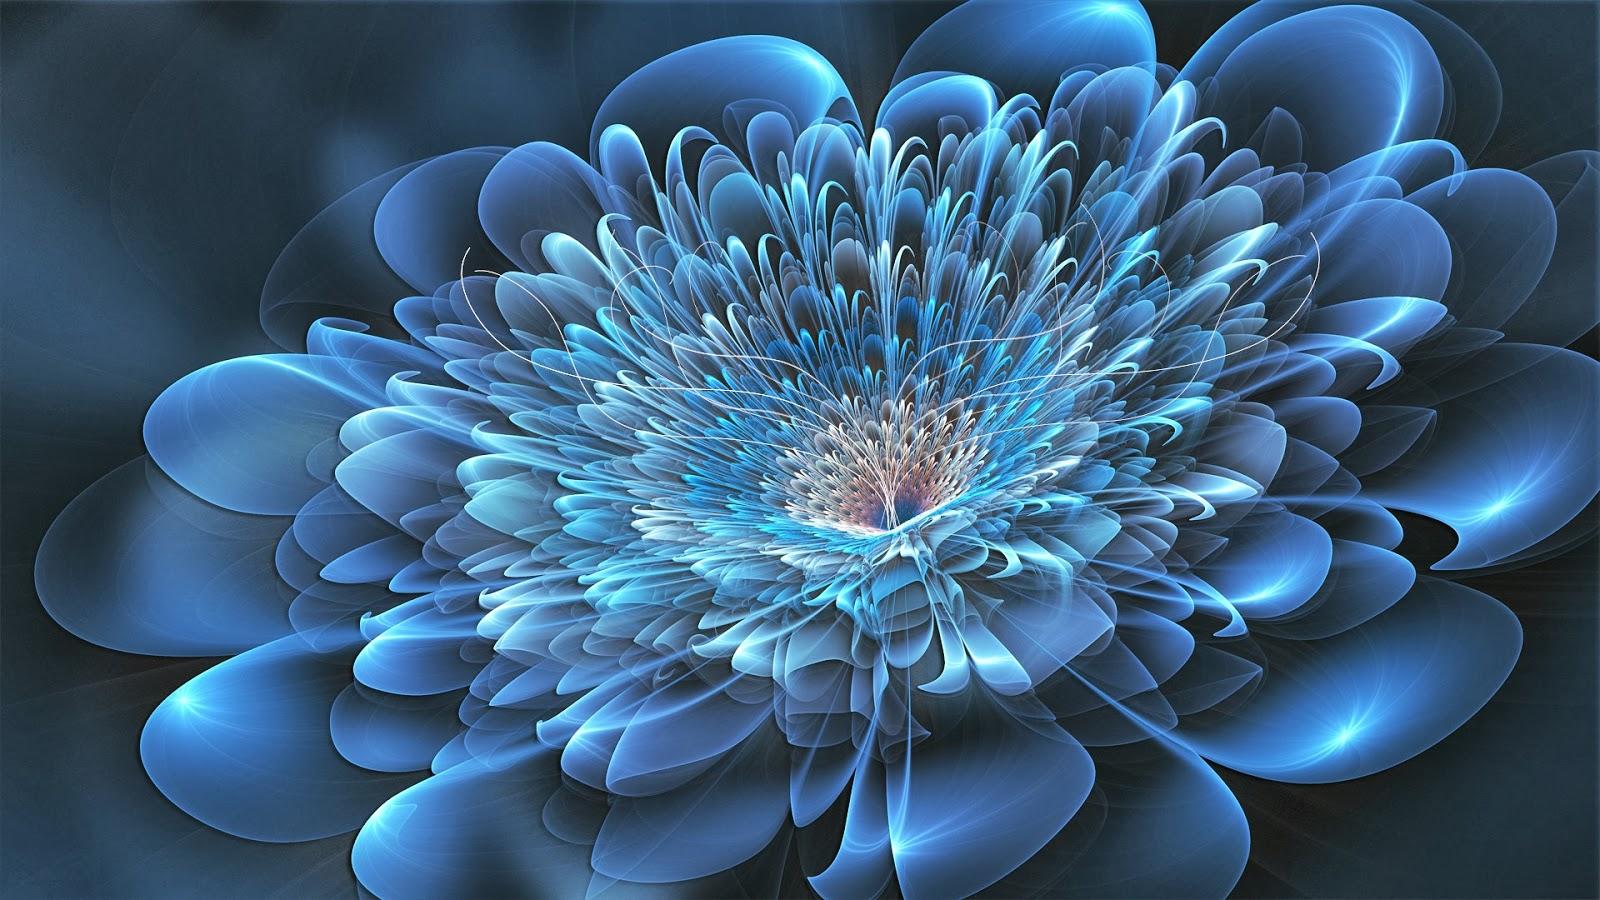 HD Wallpapers Desktop: Blue Flower HD Wallpapers